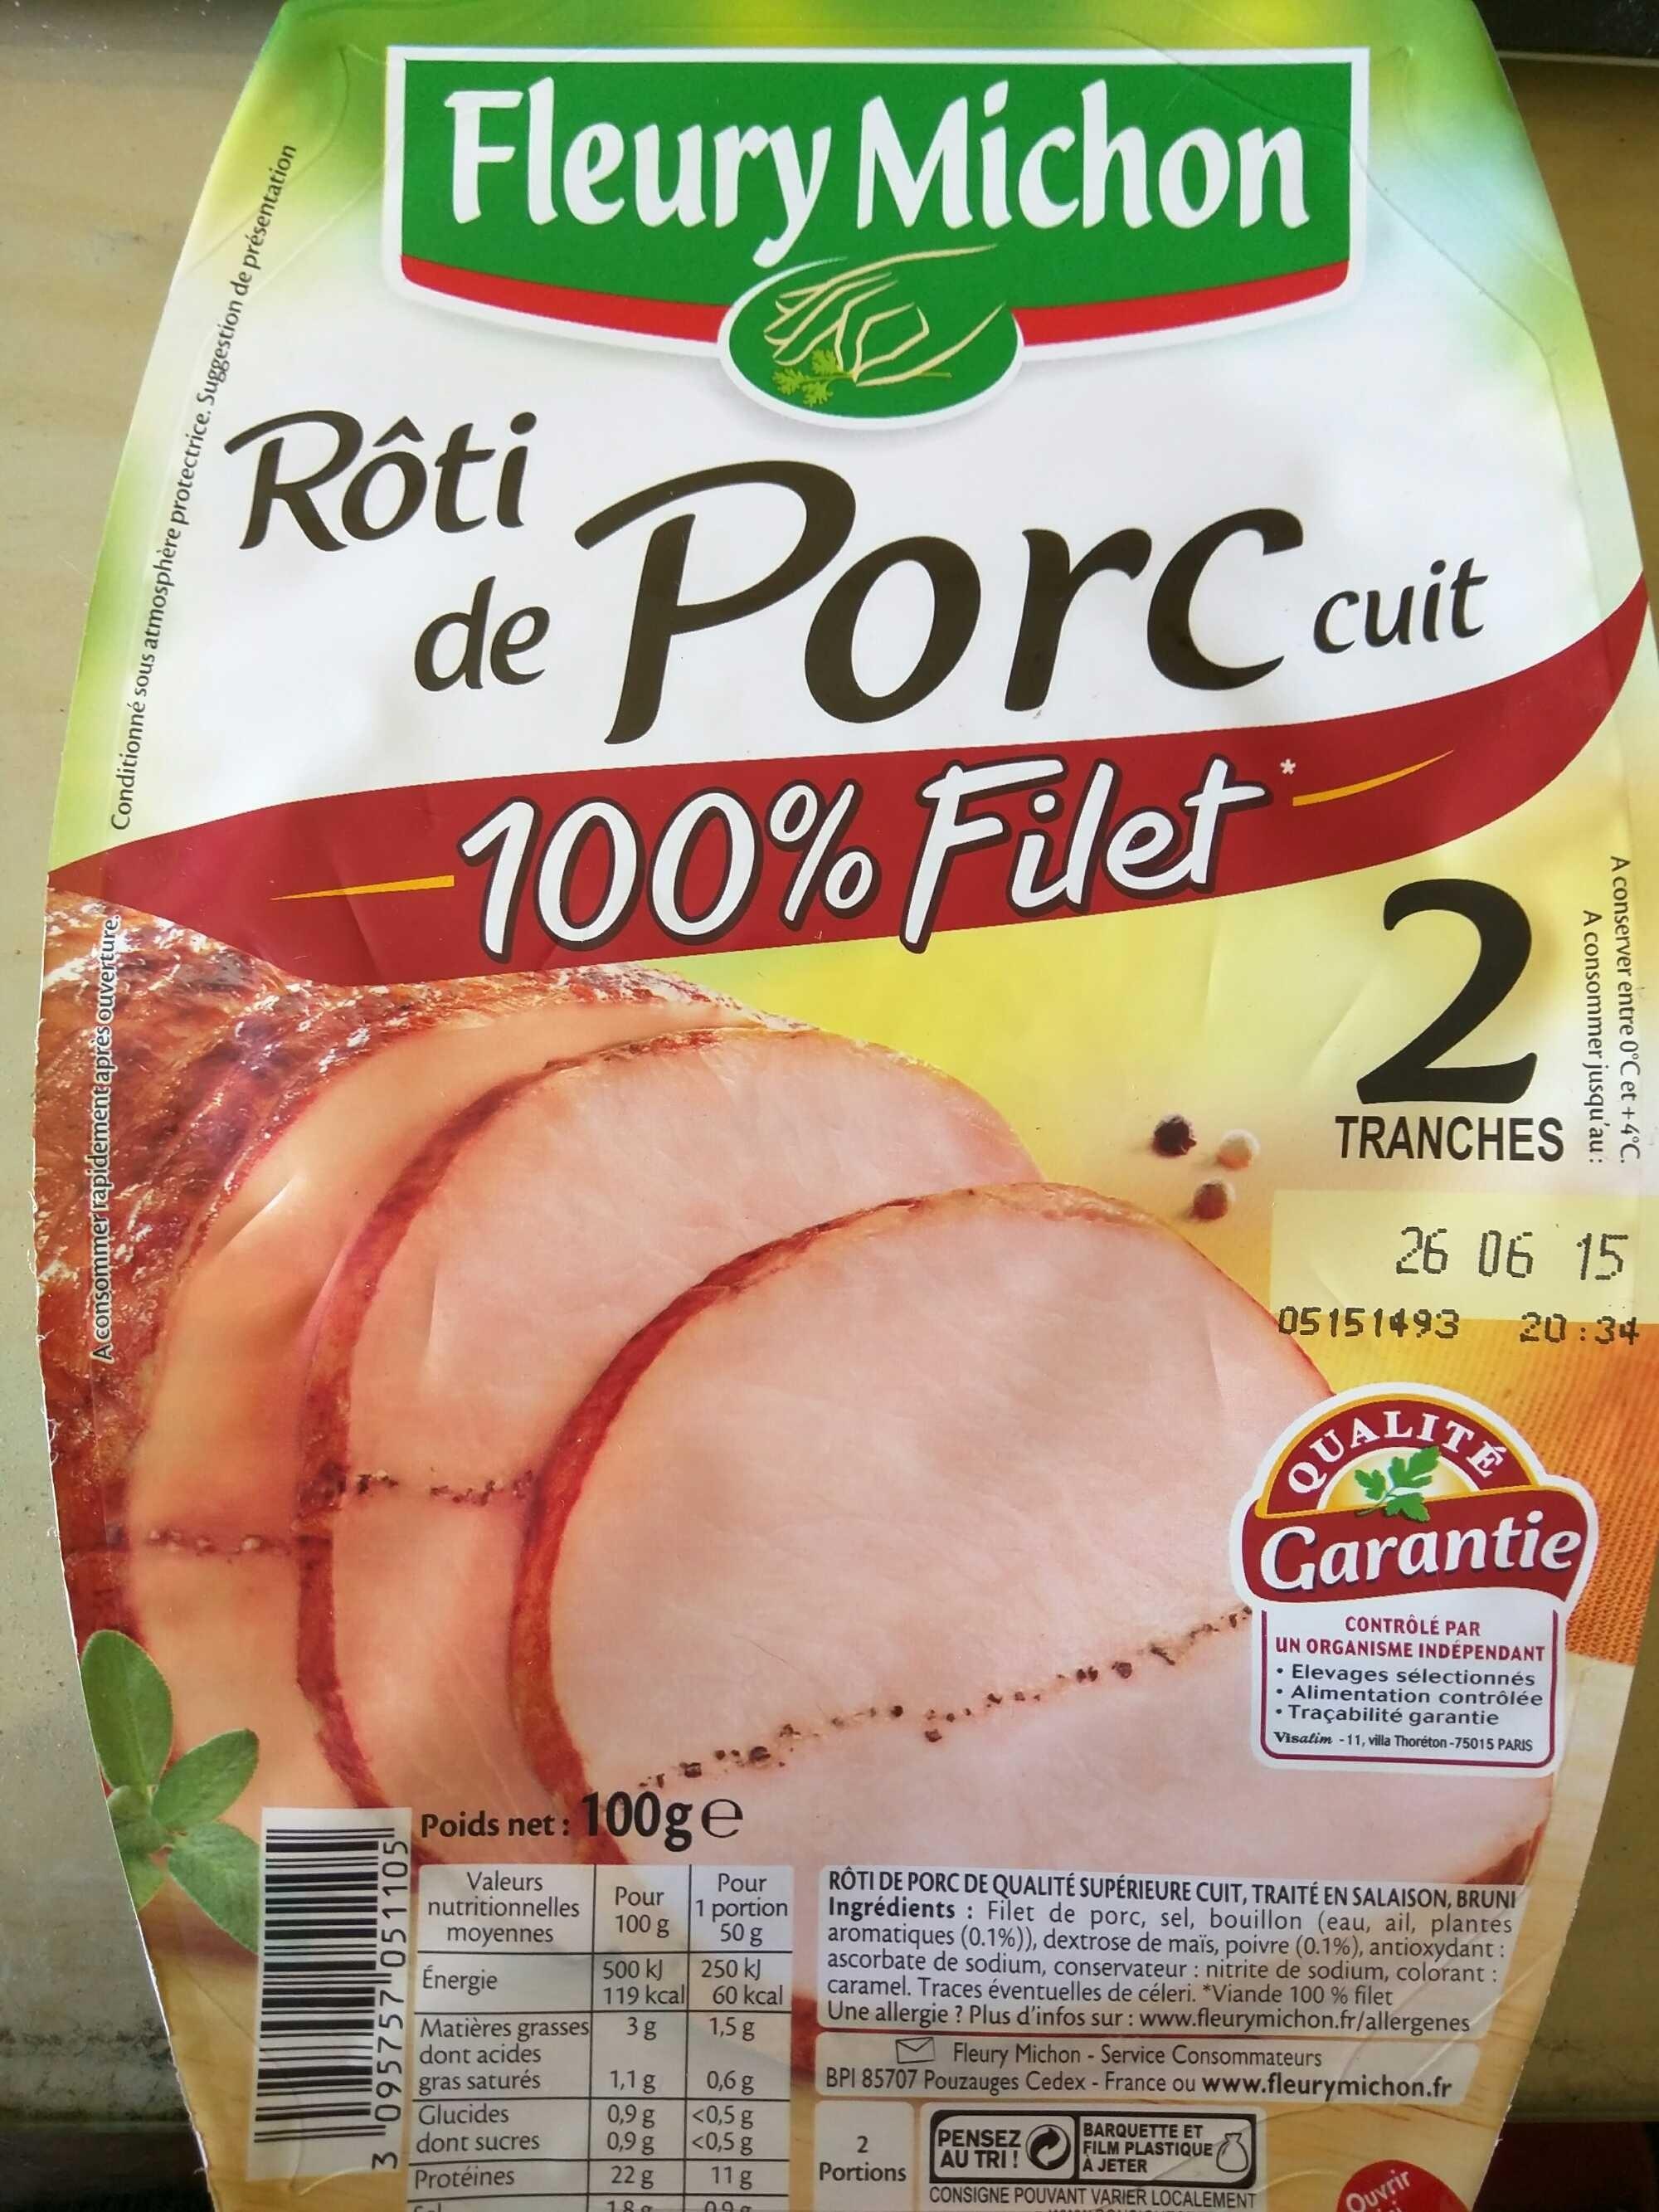 rôti de porc cuit, 100 % filet (2 tranches) - fleury michon - 100 g